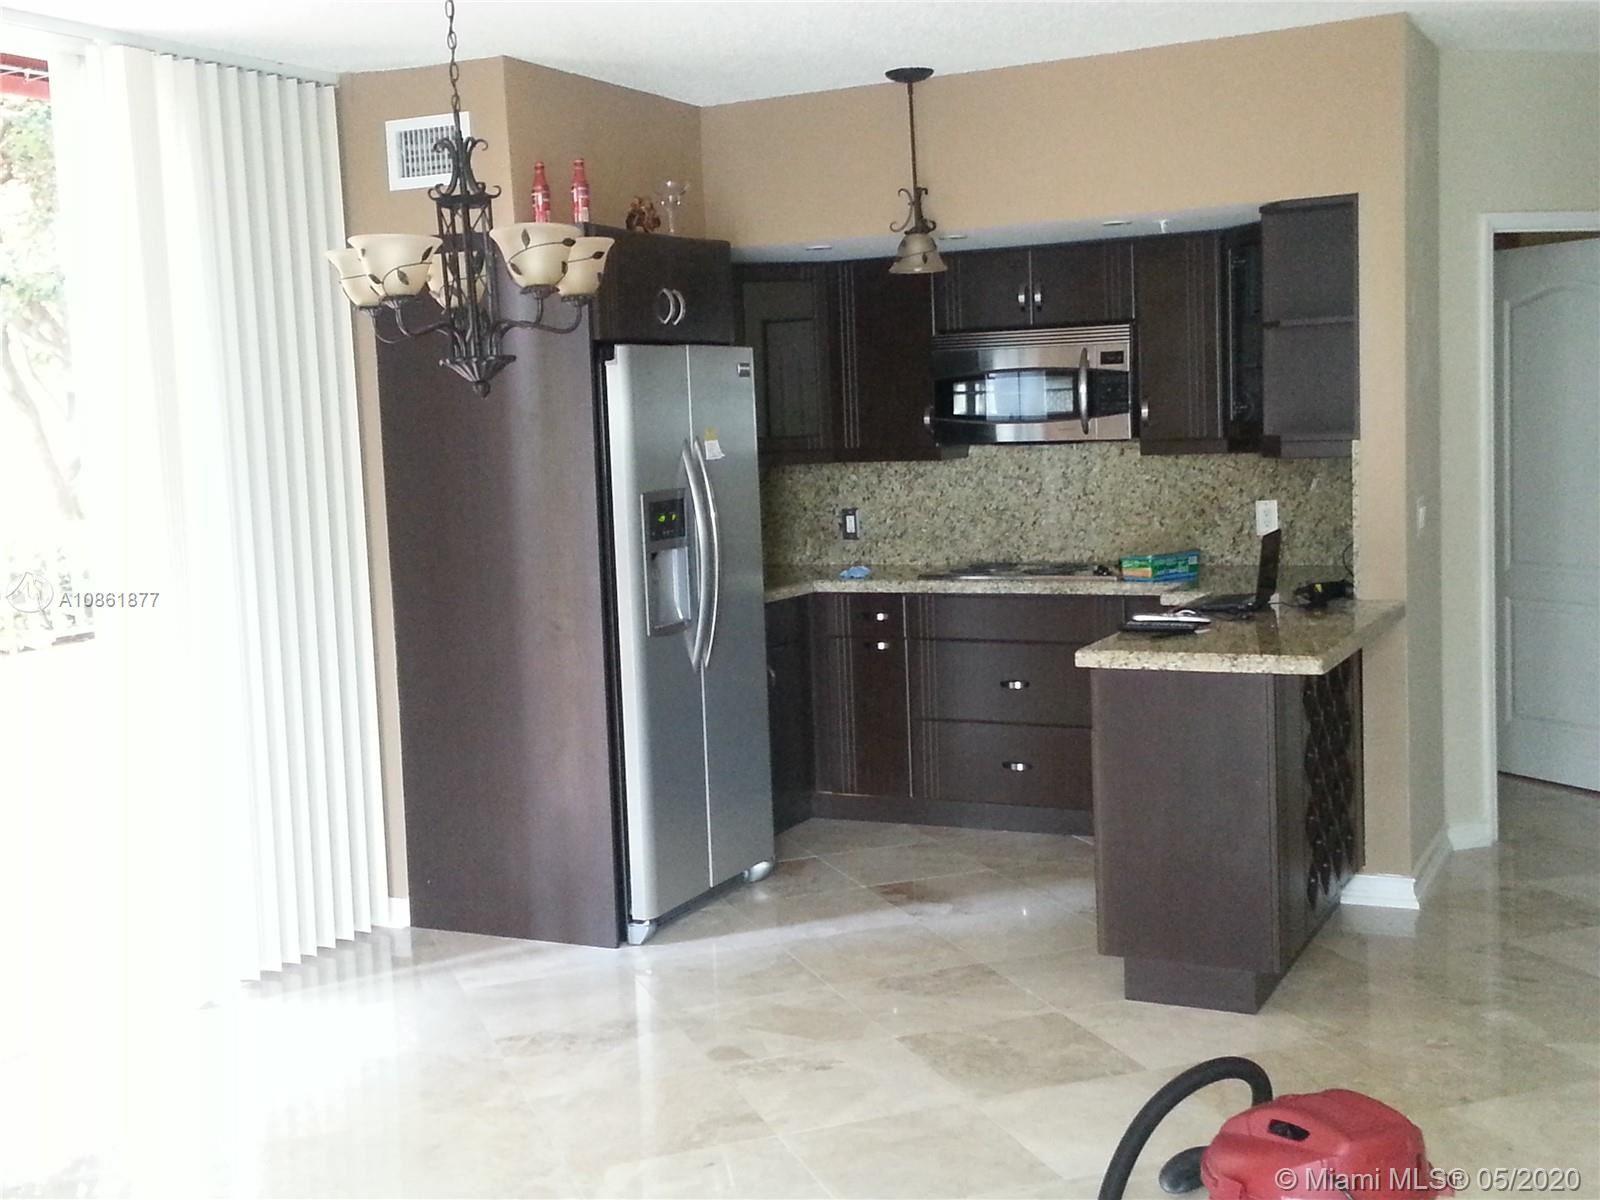 5085 NW 7th St #402, Miami, FL 33126 - #: A10861877